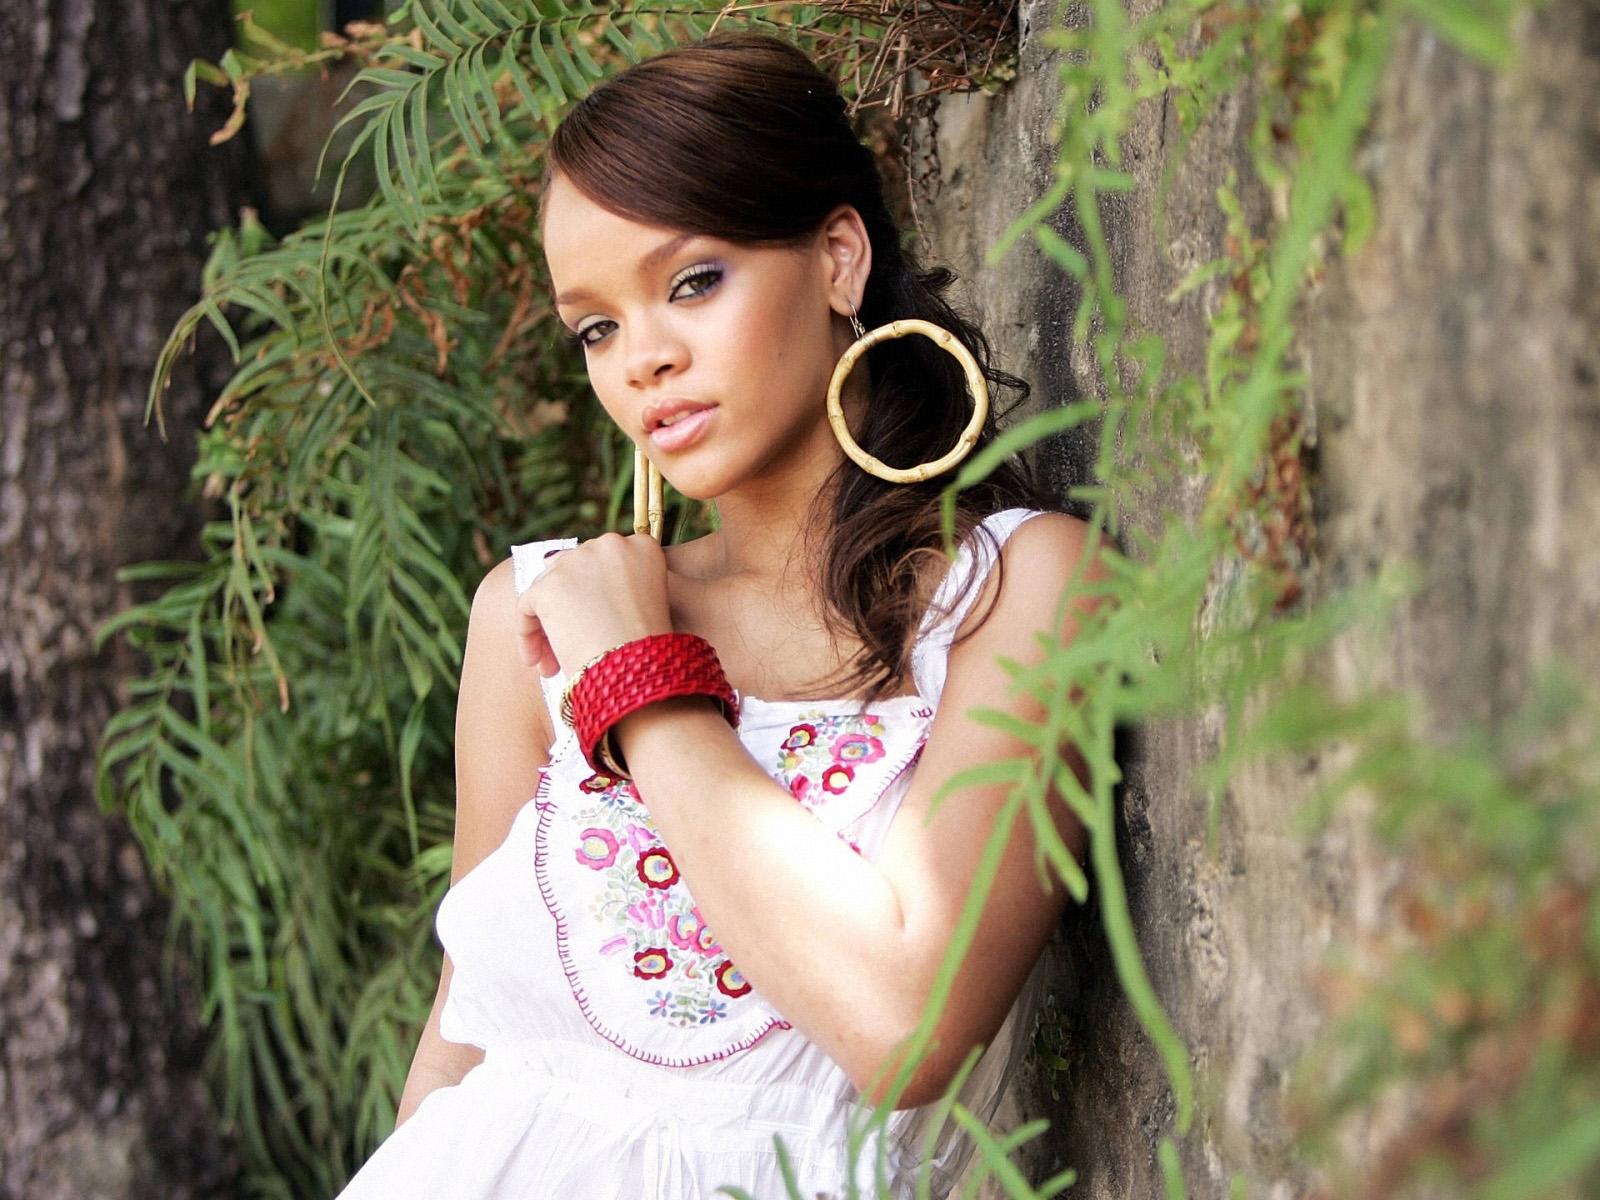 http://2.bp.blogspot.com/-qLaL7tMZb4I/Tyafzup5LUI/AAAAAAAAC4g/ukPs2DGXNXU/s1600/Best-Rihanna-Wallpapers-1.jpg